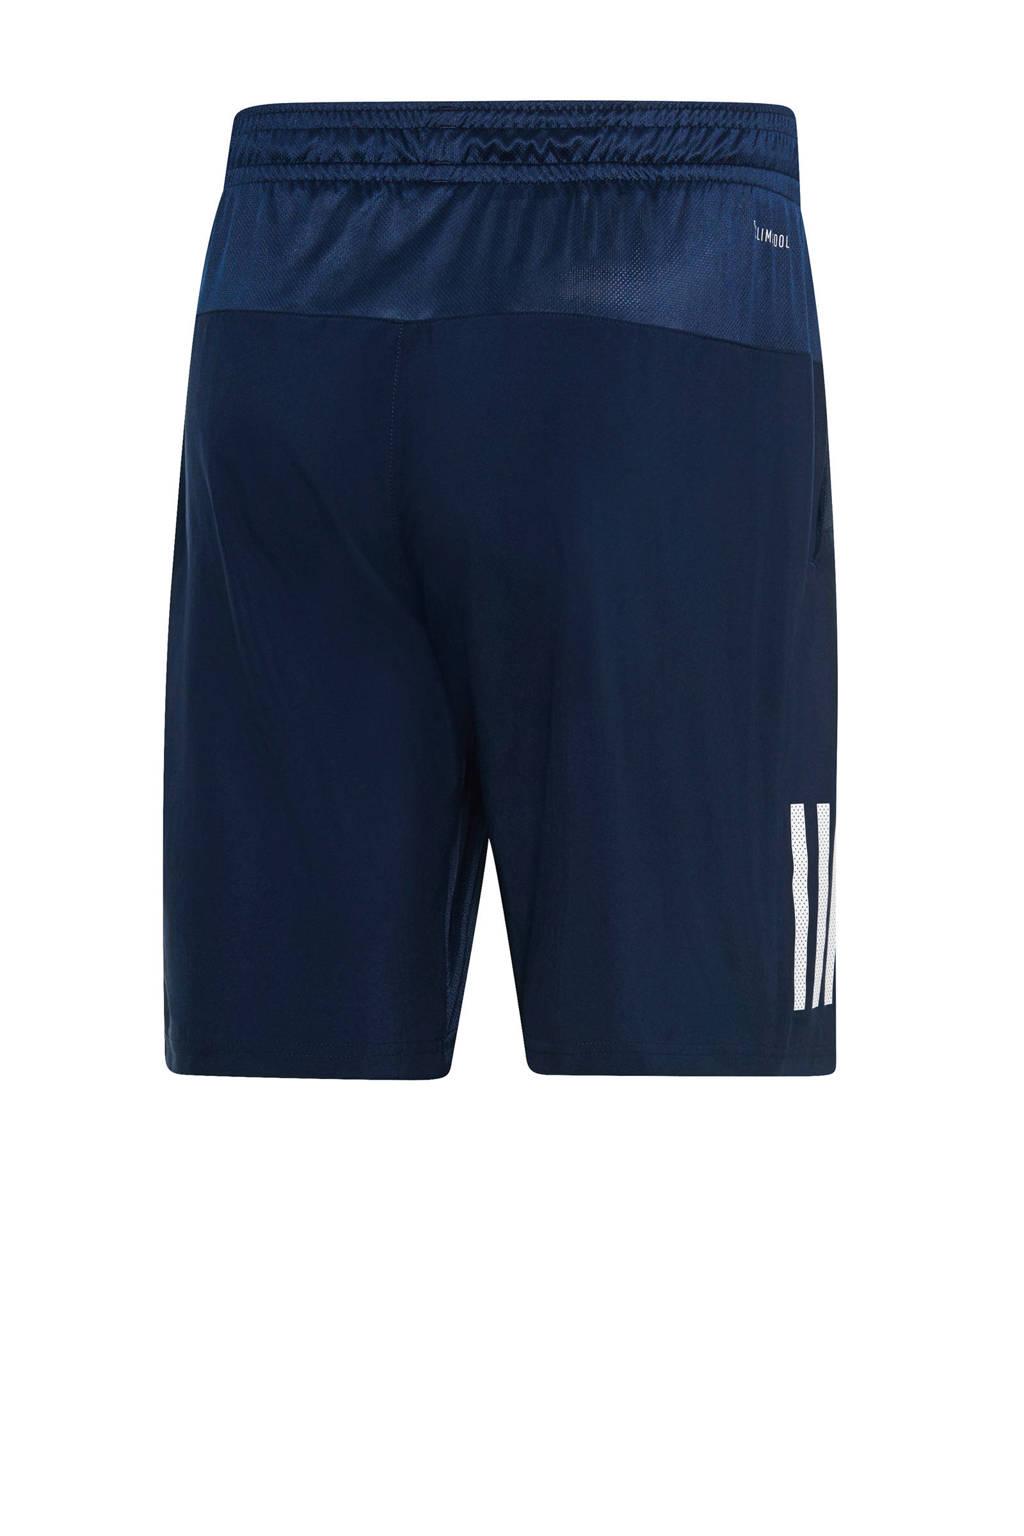 adidas   tennisshort donkerblauw, Donkerblauw